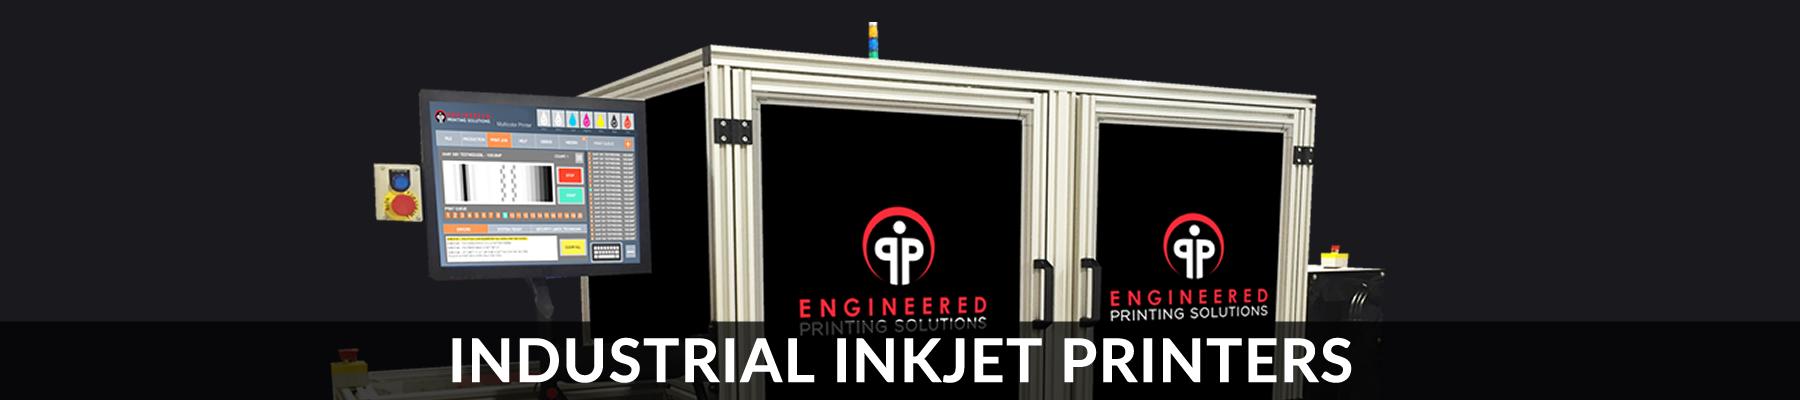 Industrial Inkjet Printers 1